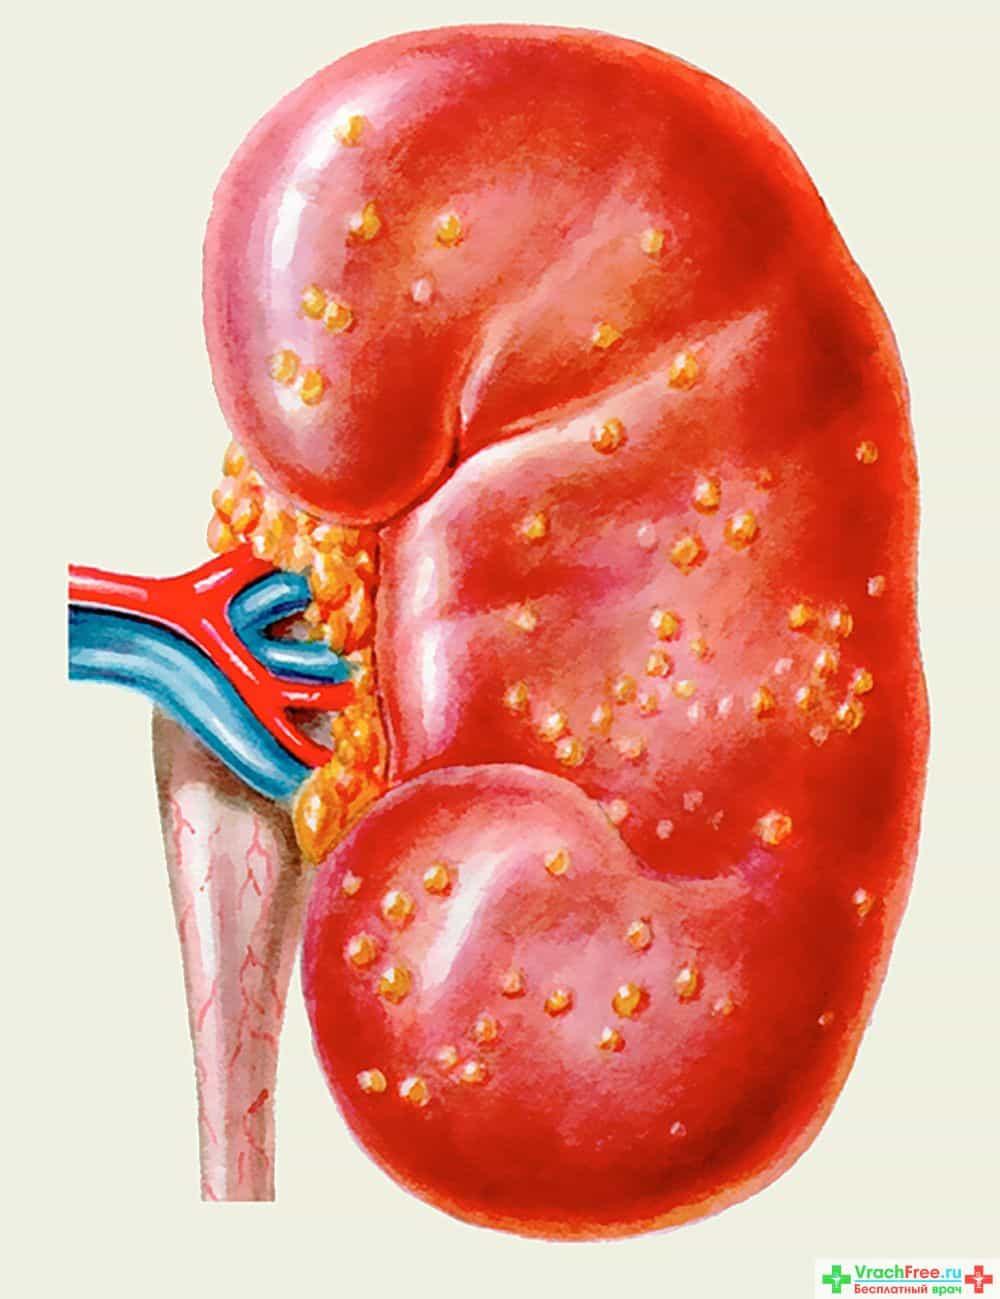 Гломерулонефрит острый диффузный